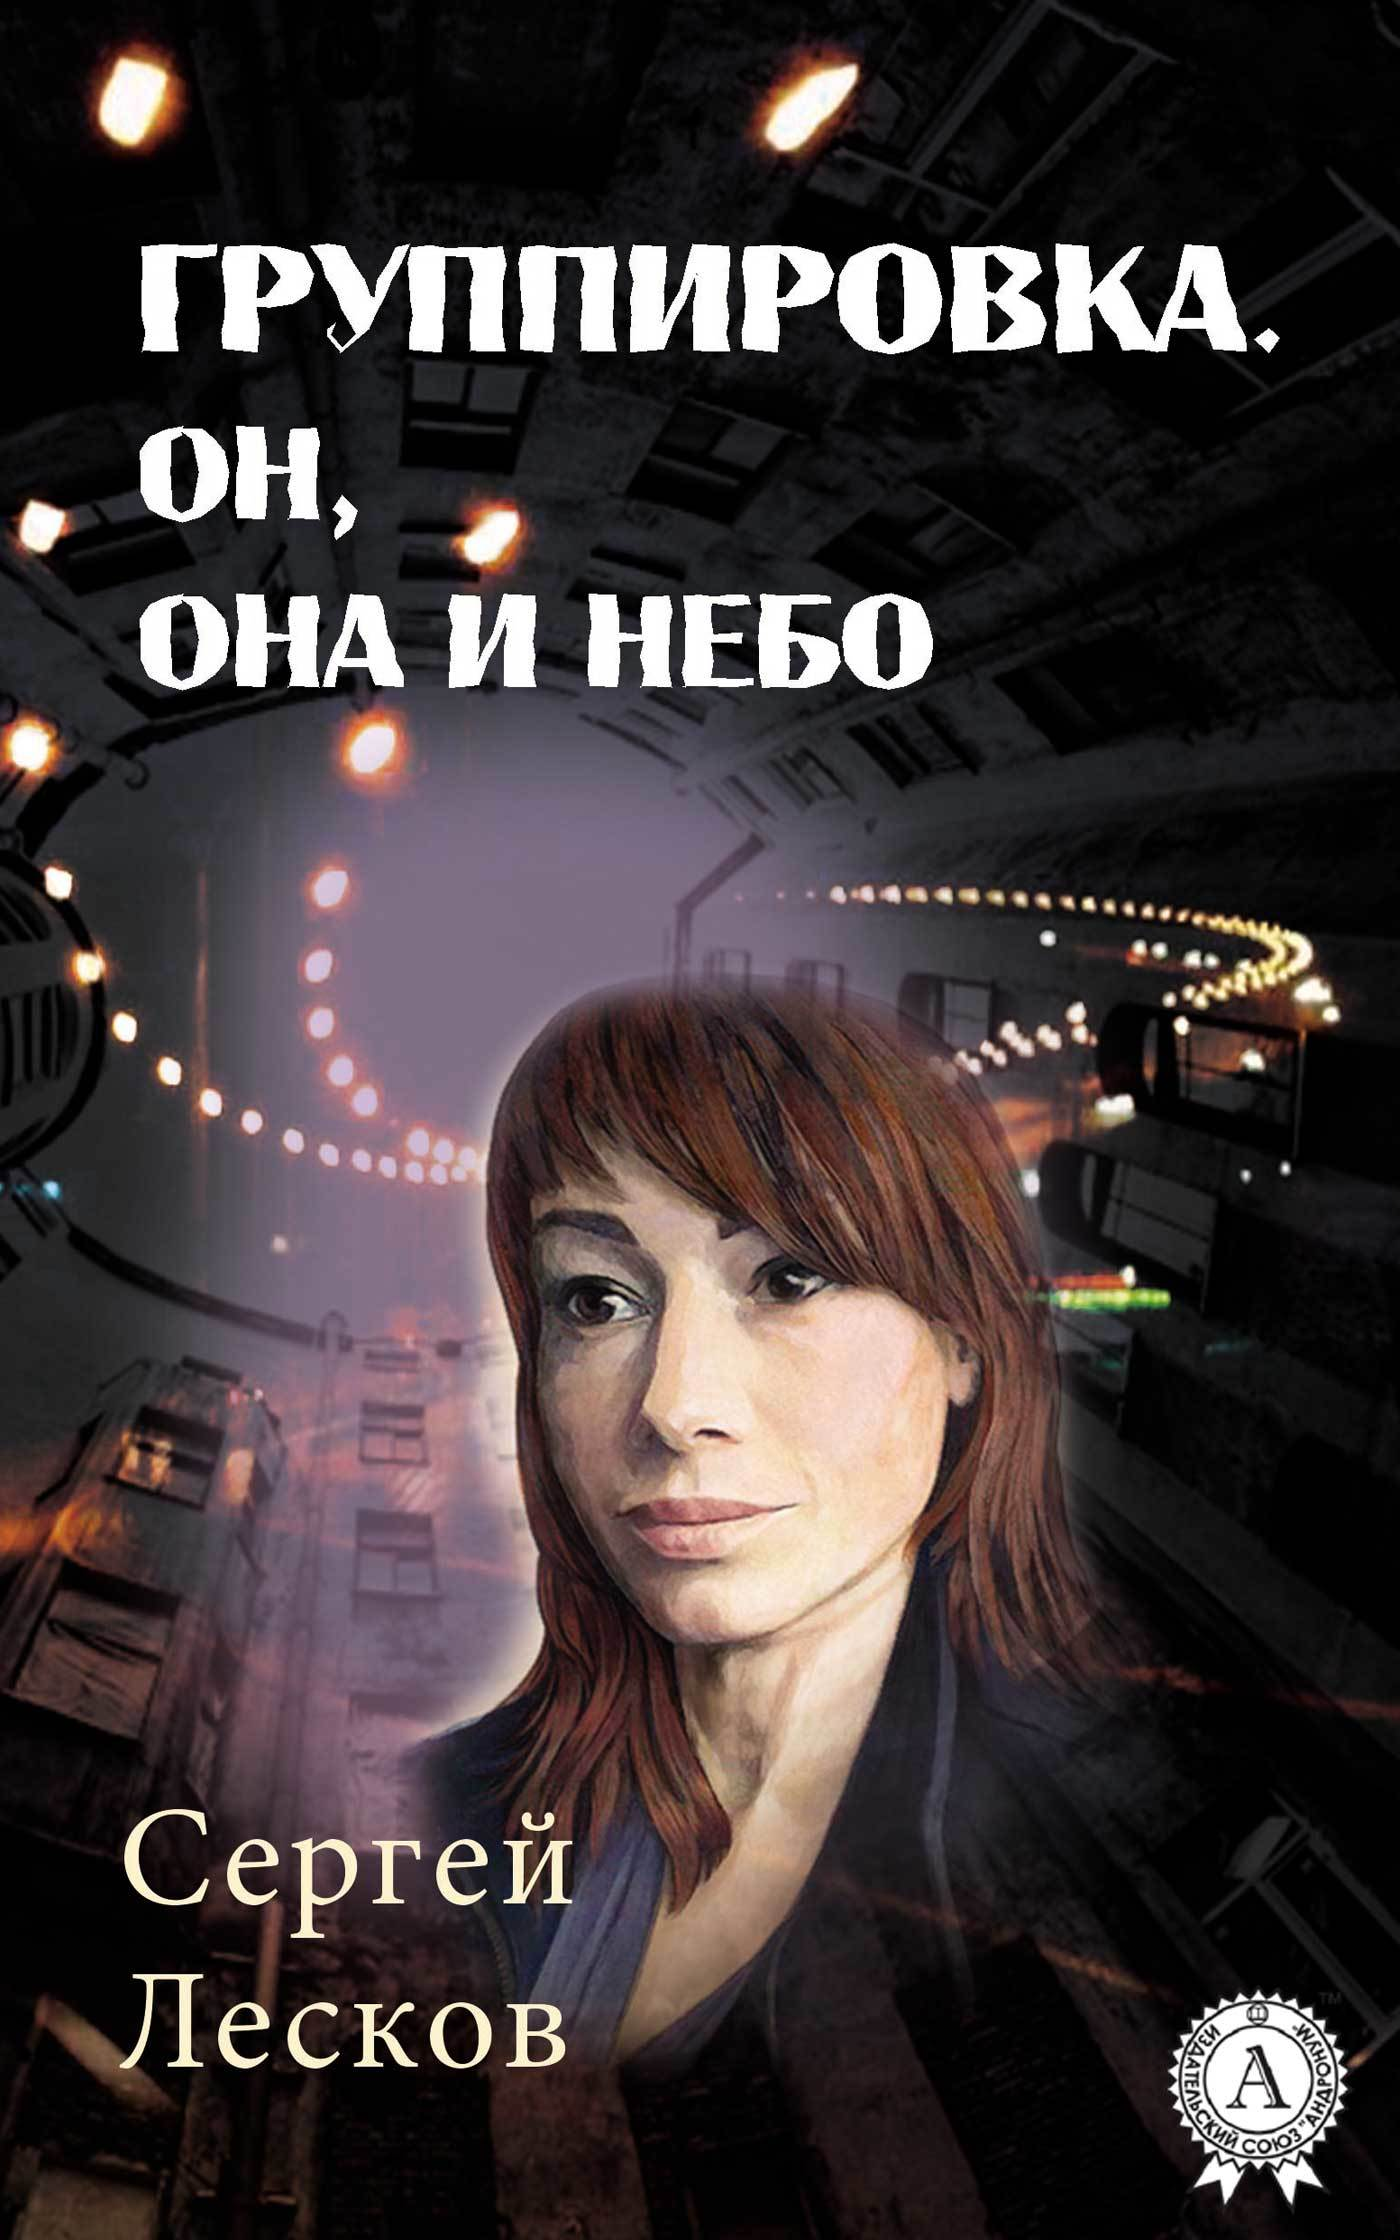 Сергей Лесков - Группировка. Он, Она и Небо